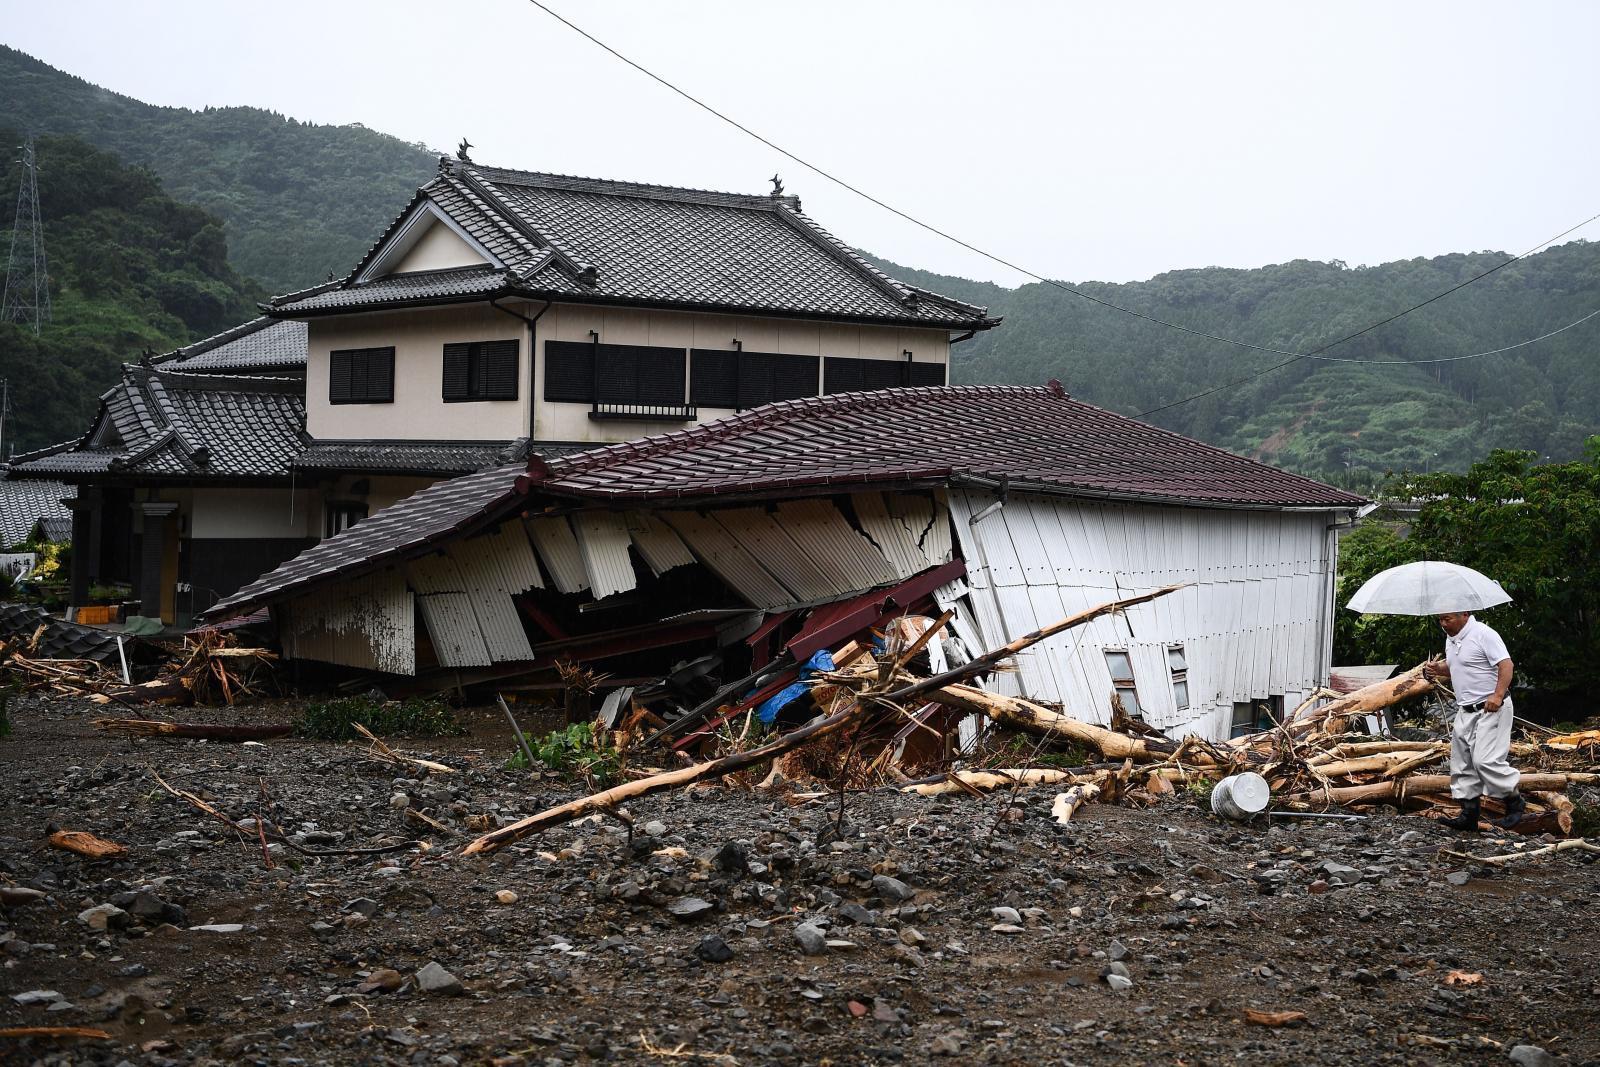 """ญี่ปุ่นยังอ่วม """"น้ำท่วมและดินถล่ม"""" ดับแล้ว 49 ราย"""